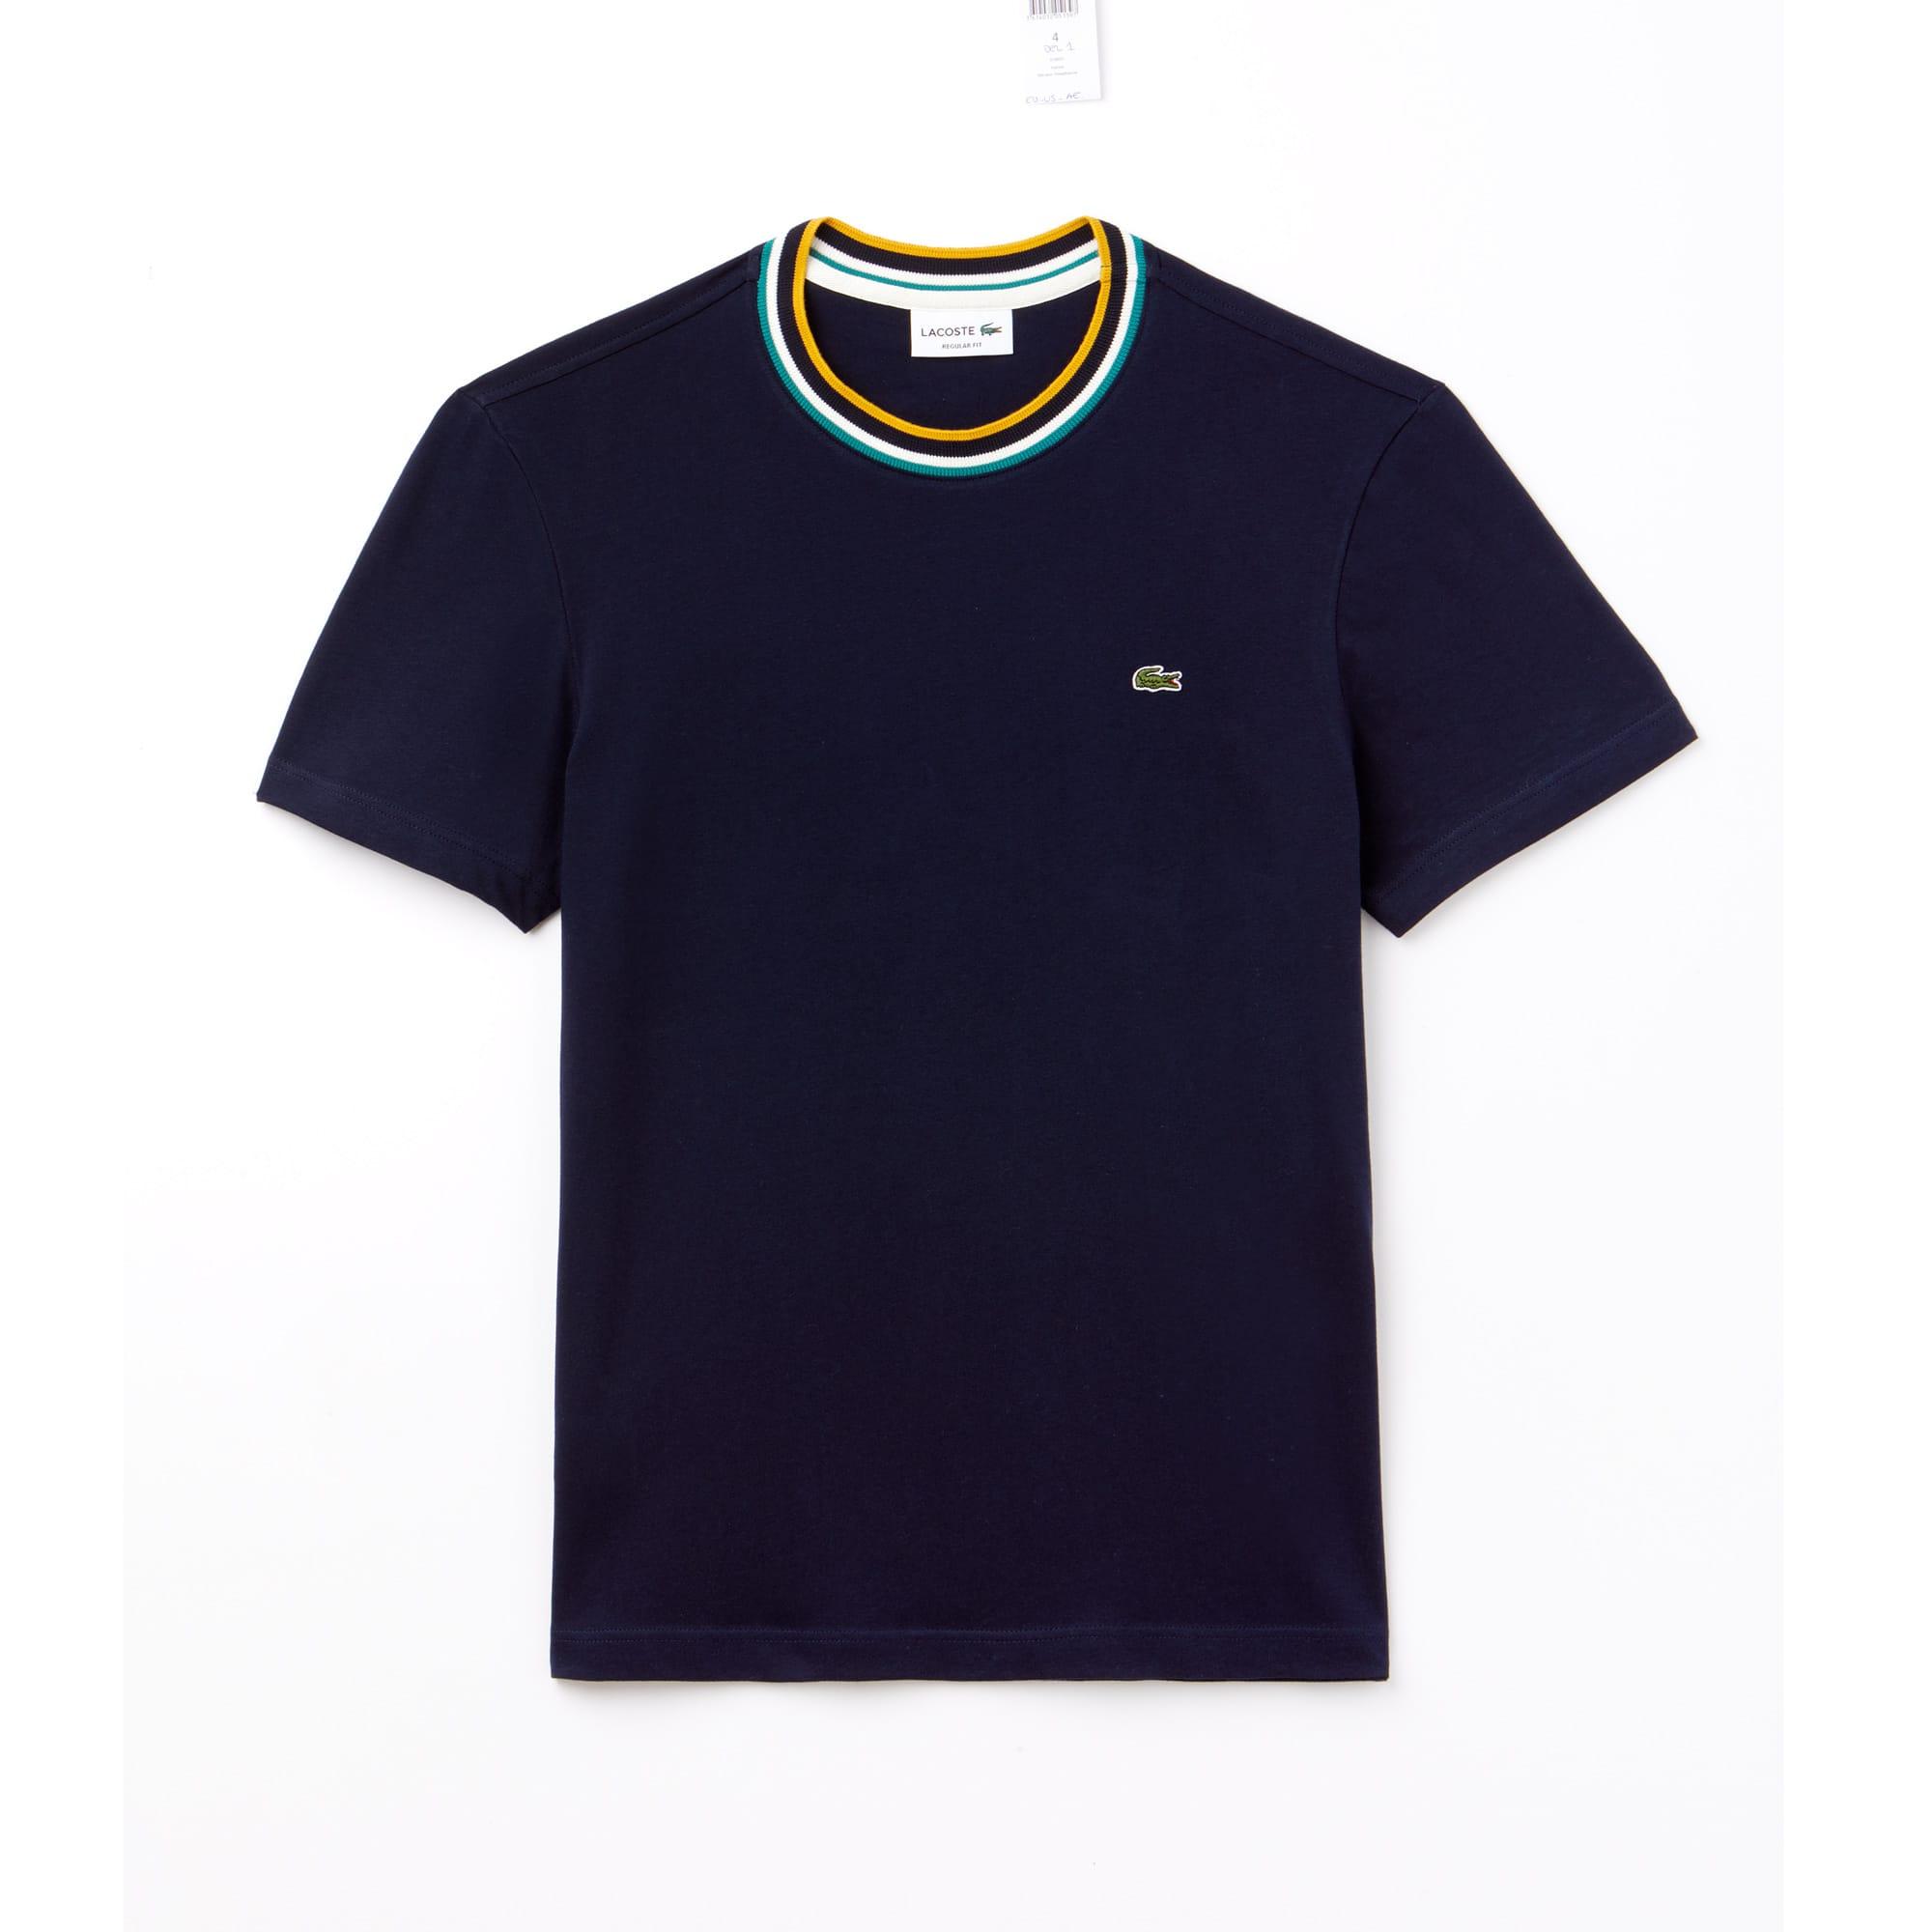 T-shirt col rond rayé bord-côte en jersey de coton uni